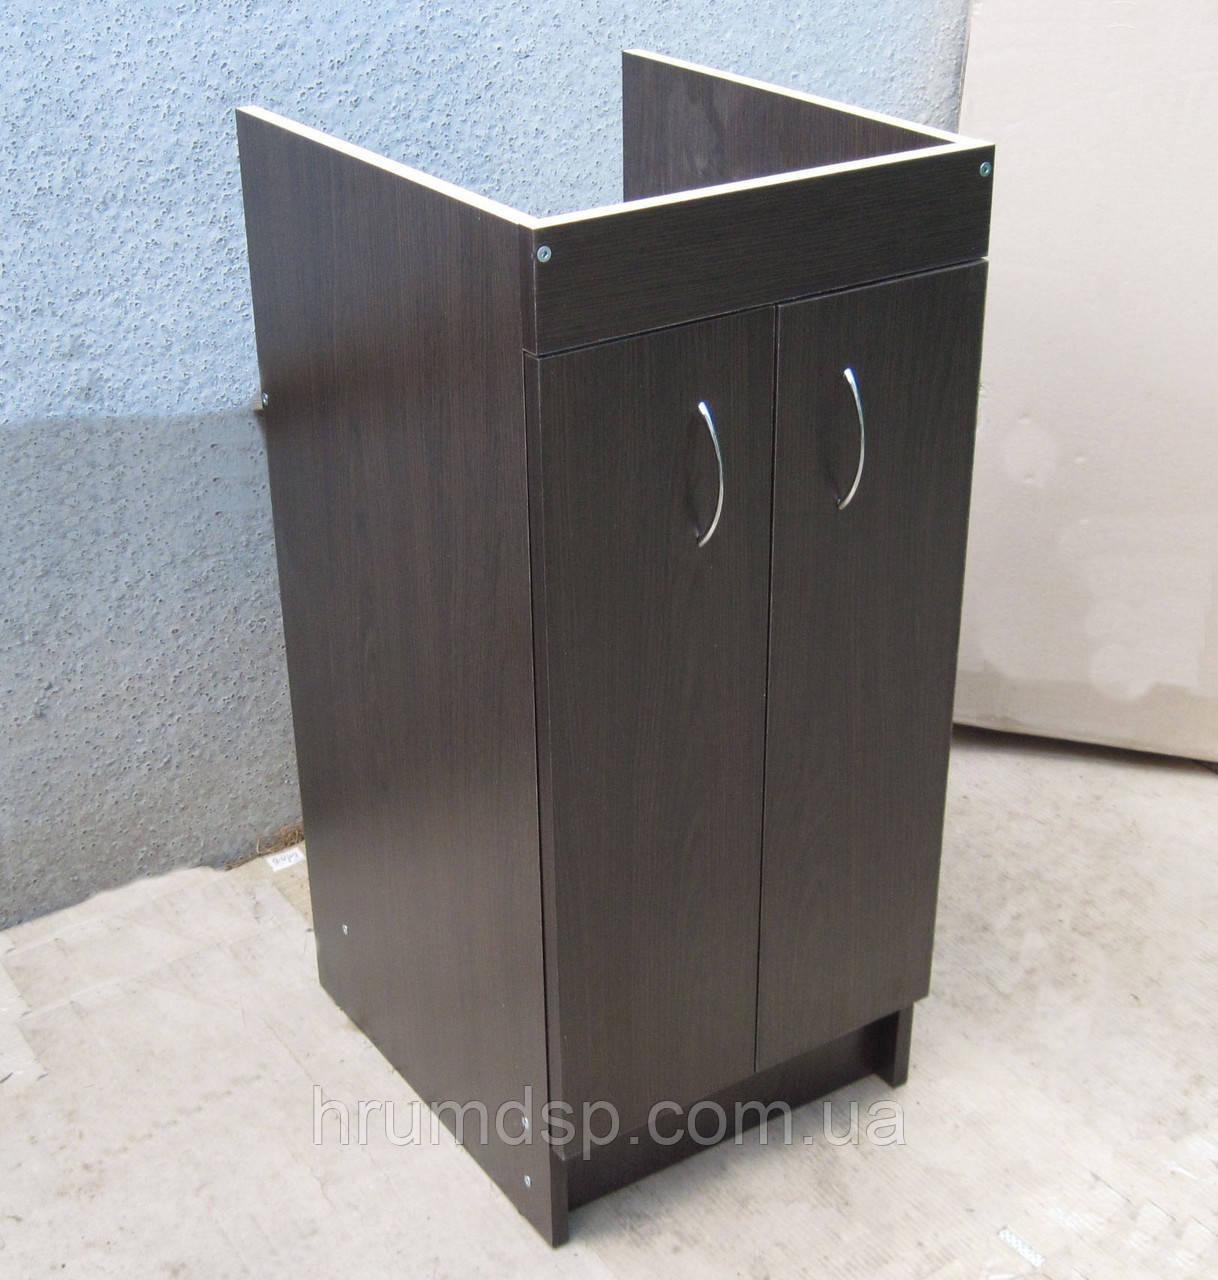 Тумба под мойку 40х50 для кухни